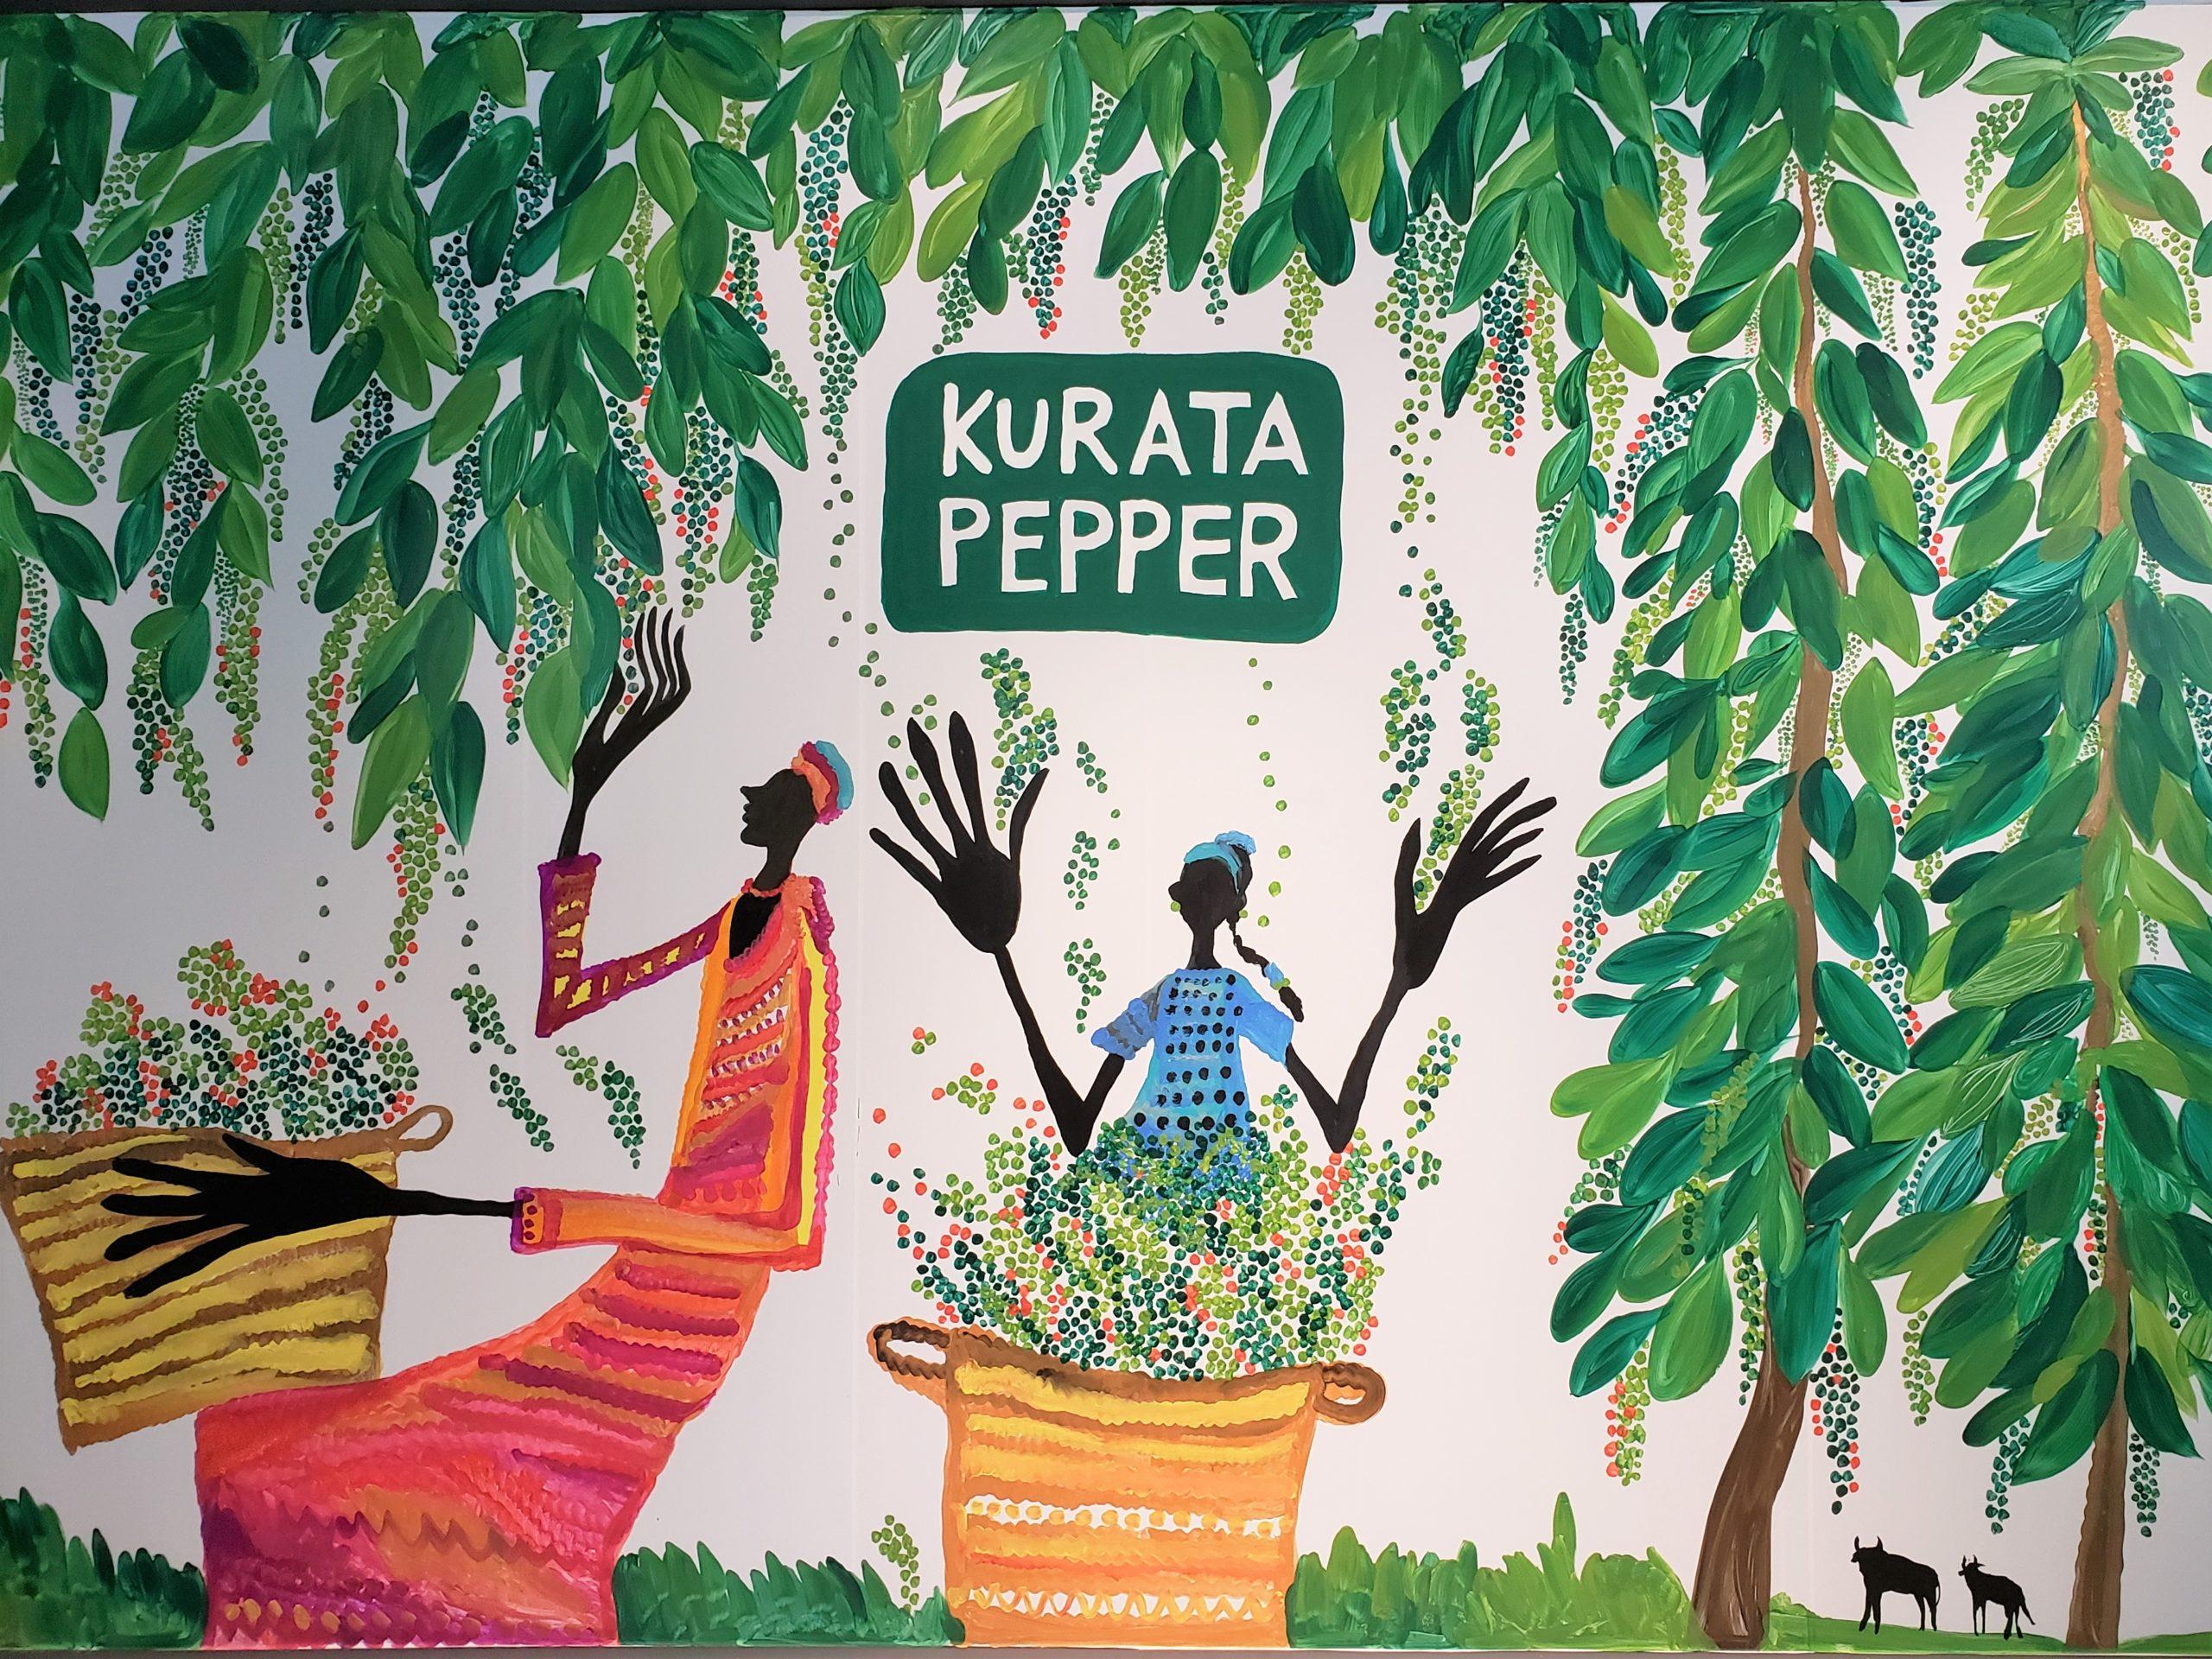 カンボジア クラタペッパー「世界一美味しい胡椒」